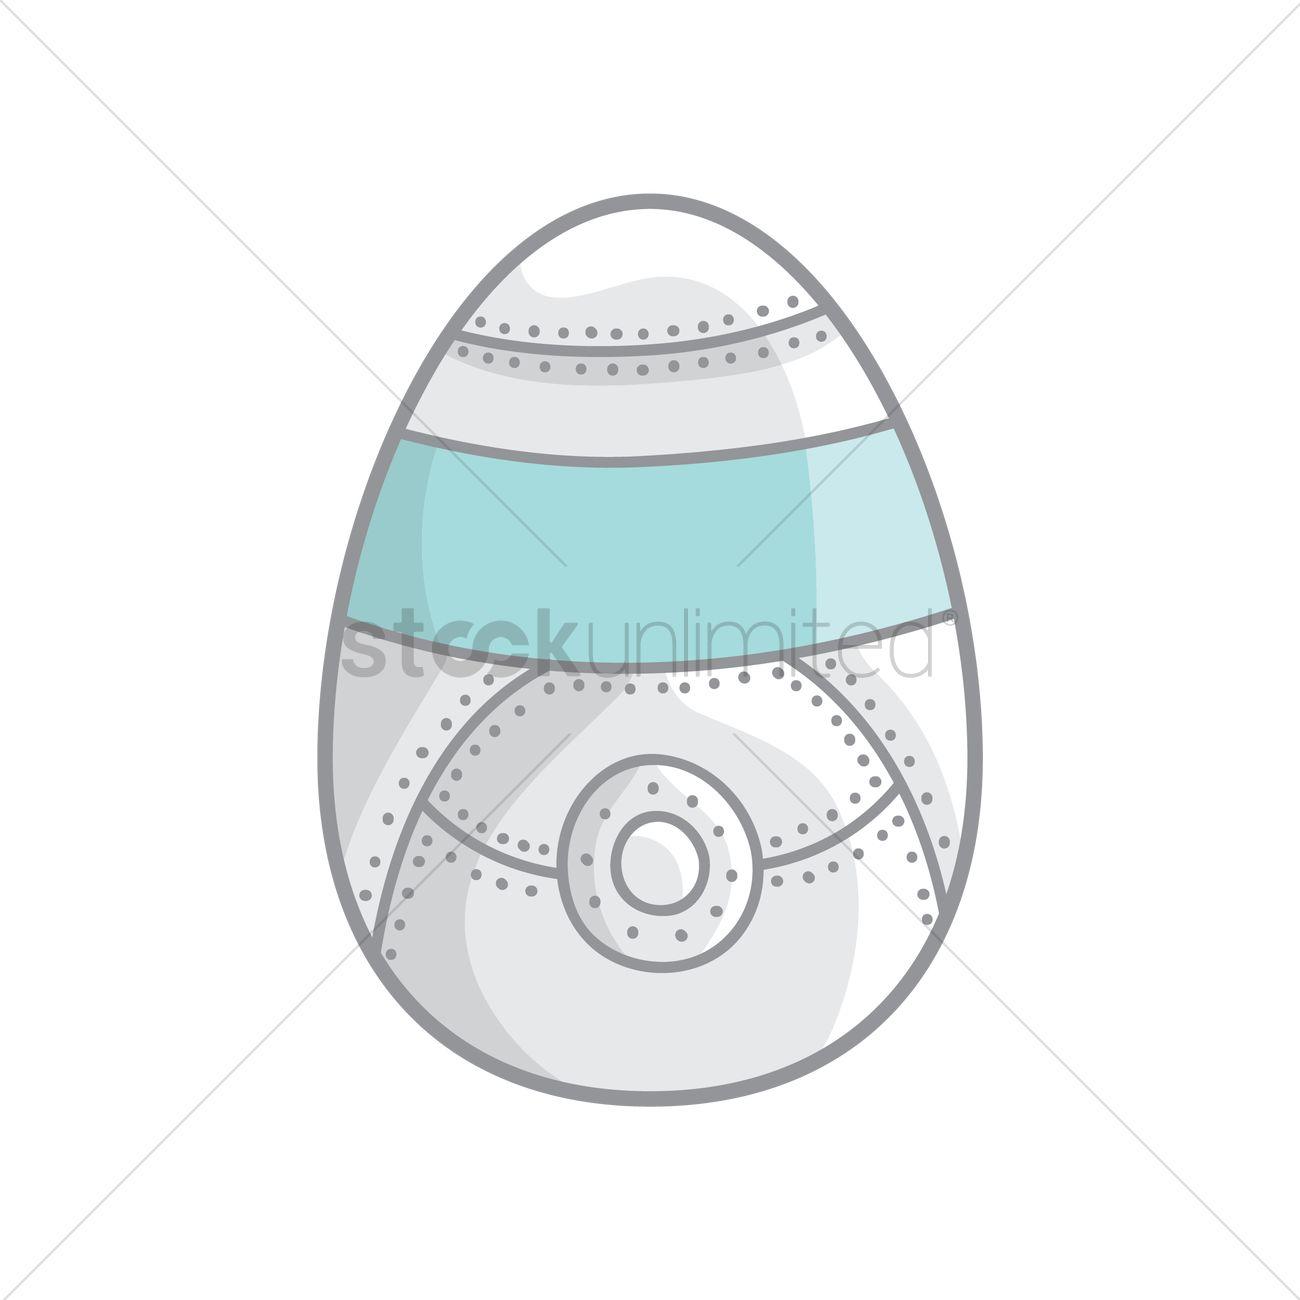 Easter egg robot design Vector Image - 1425013 | StockUnlimited